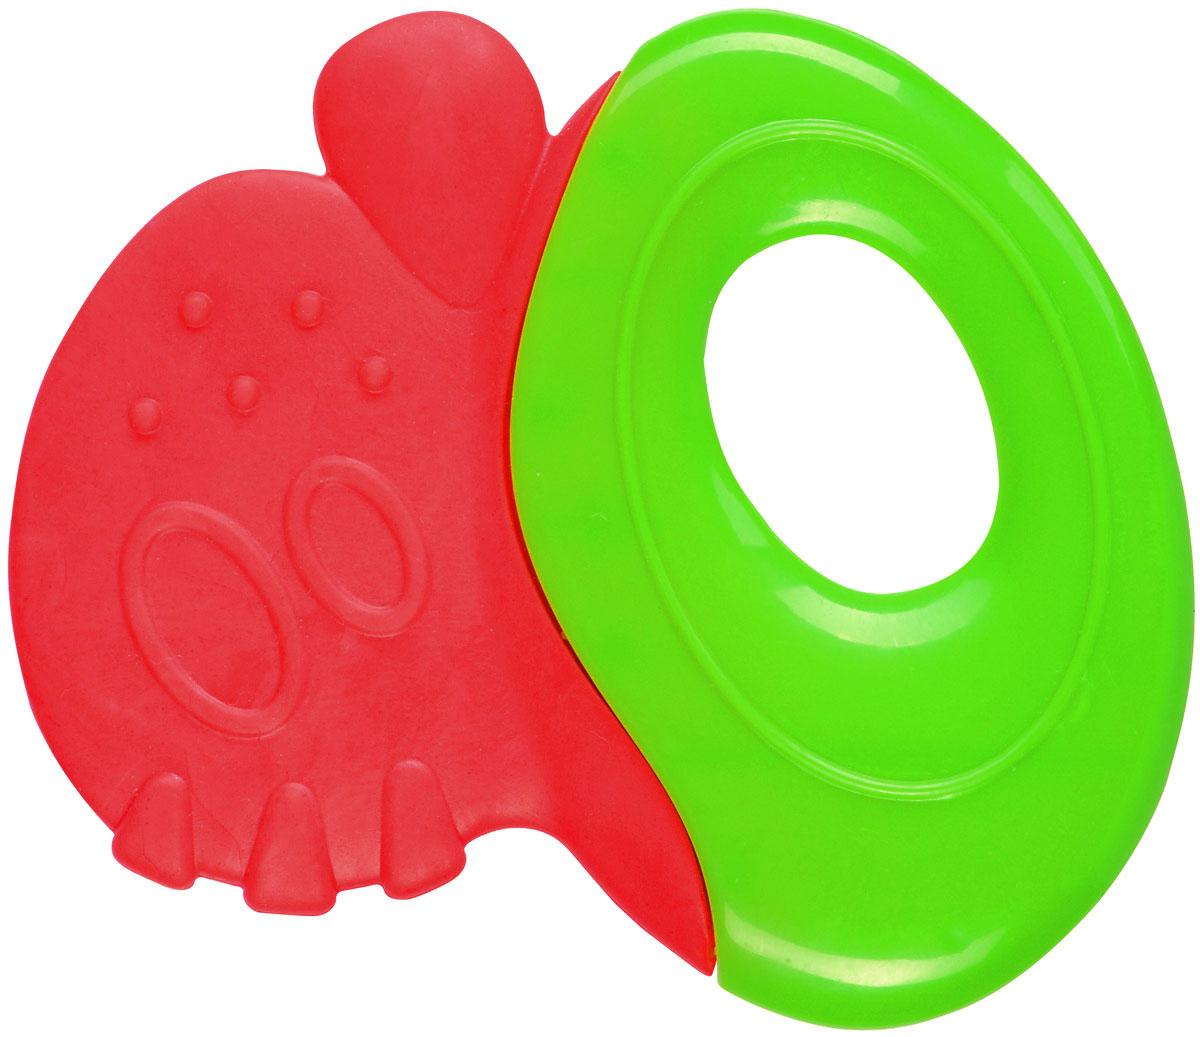 BabyOno Прорезыватель-погремушка цвет красный зеленый1383Прорезыватель-погремушка BabyOno - незаменимый аксессуар при прорезывании зубов. Прорезыватель имеет возможность охлаждения в холодильнике. Эластичный материал с волнистой структурой идеально массирует десны ребенка, а разнородная поверхность развивает чувство осязания. Прорезыватель также обладает функцией погремушки. Погремушка учит различать силу звука. Прорезыватель-погремушка BabyOno очень легкий, соответствует по размеру маленьким ручкам и рту ребенка. Изготовлен из прочных и безопасных материалов. Не содержит бисфенол А. Товар сертифицирован.